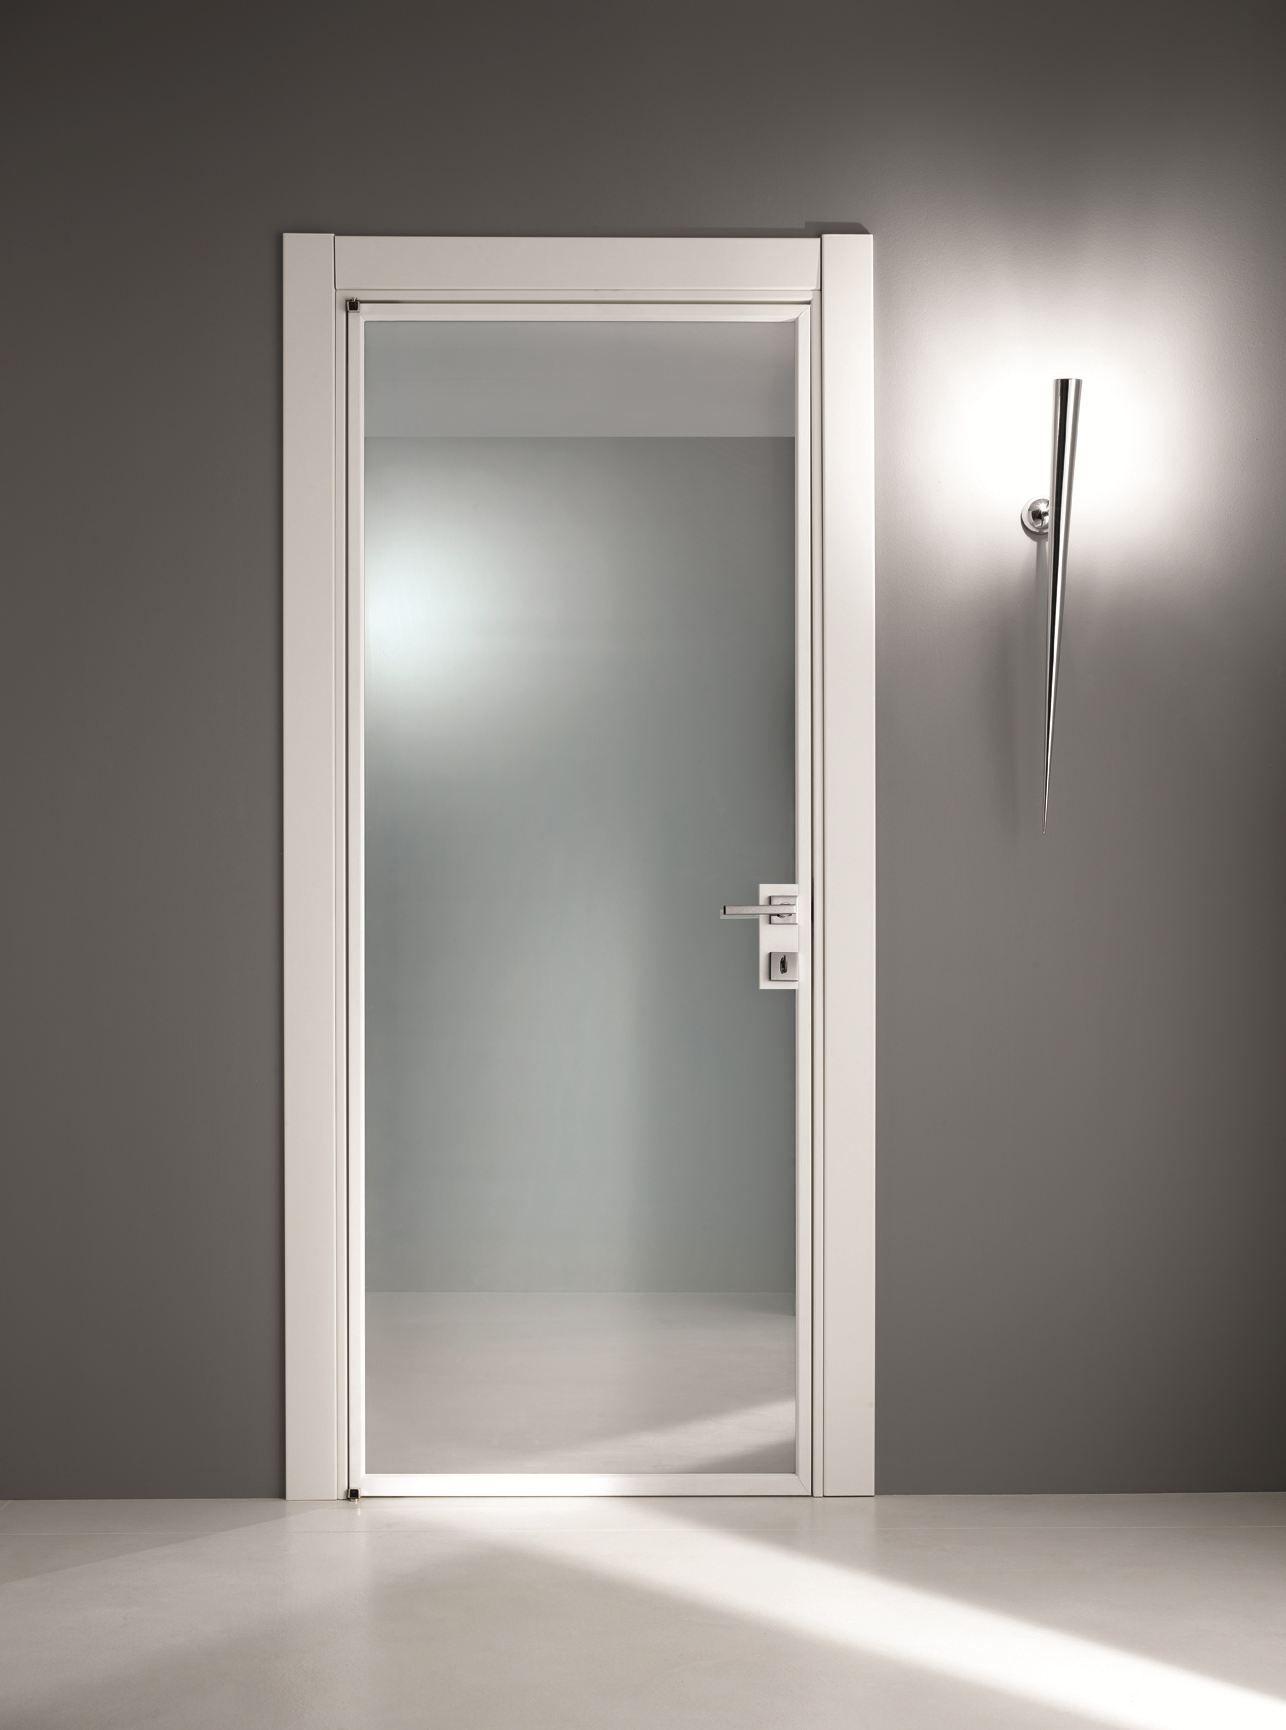 Stilia puerta de vidrio esmerilado by gidea for Casas con puertas de vidrio